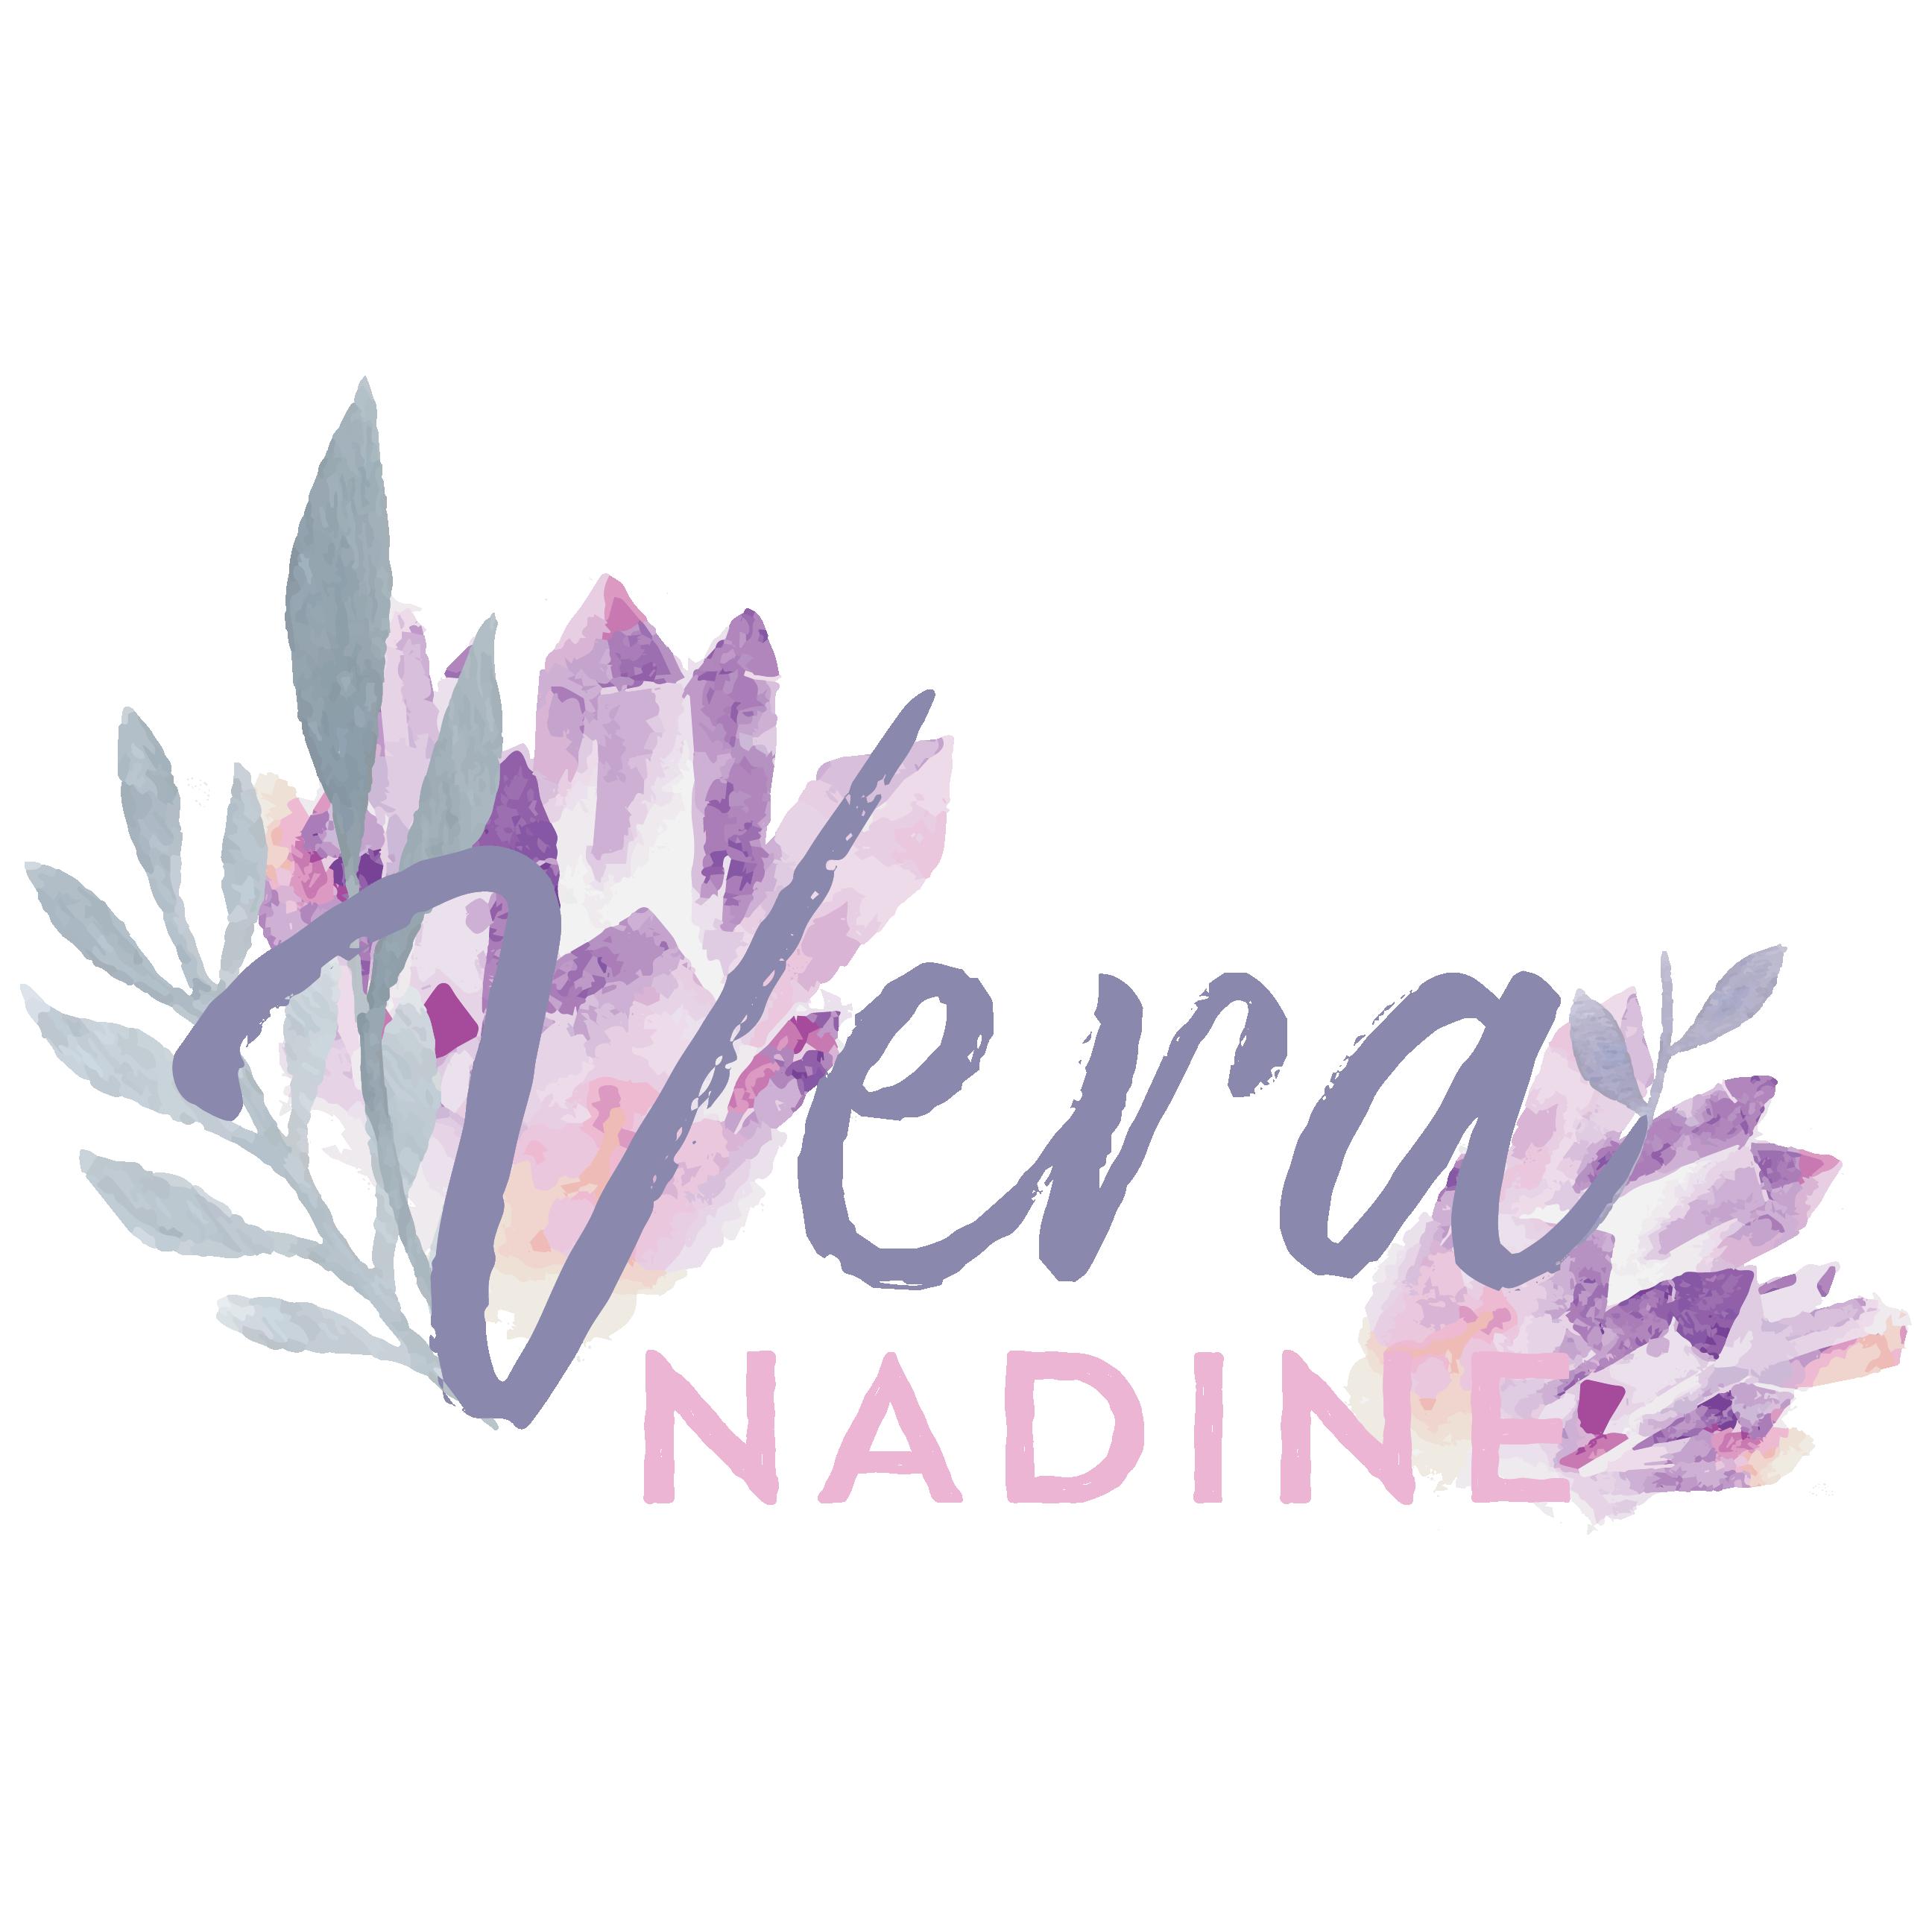 Vera Nadine Logo